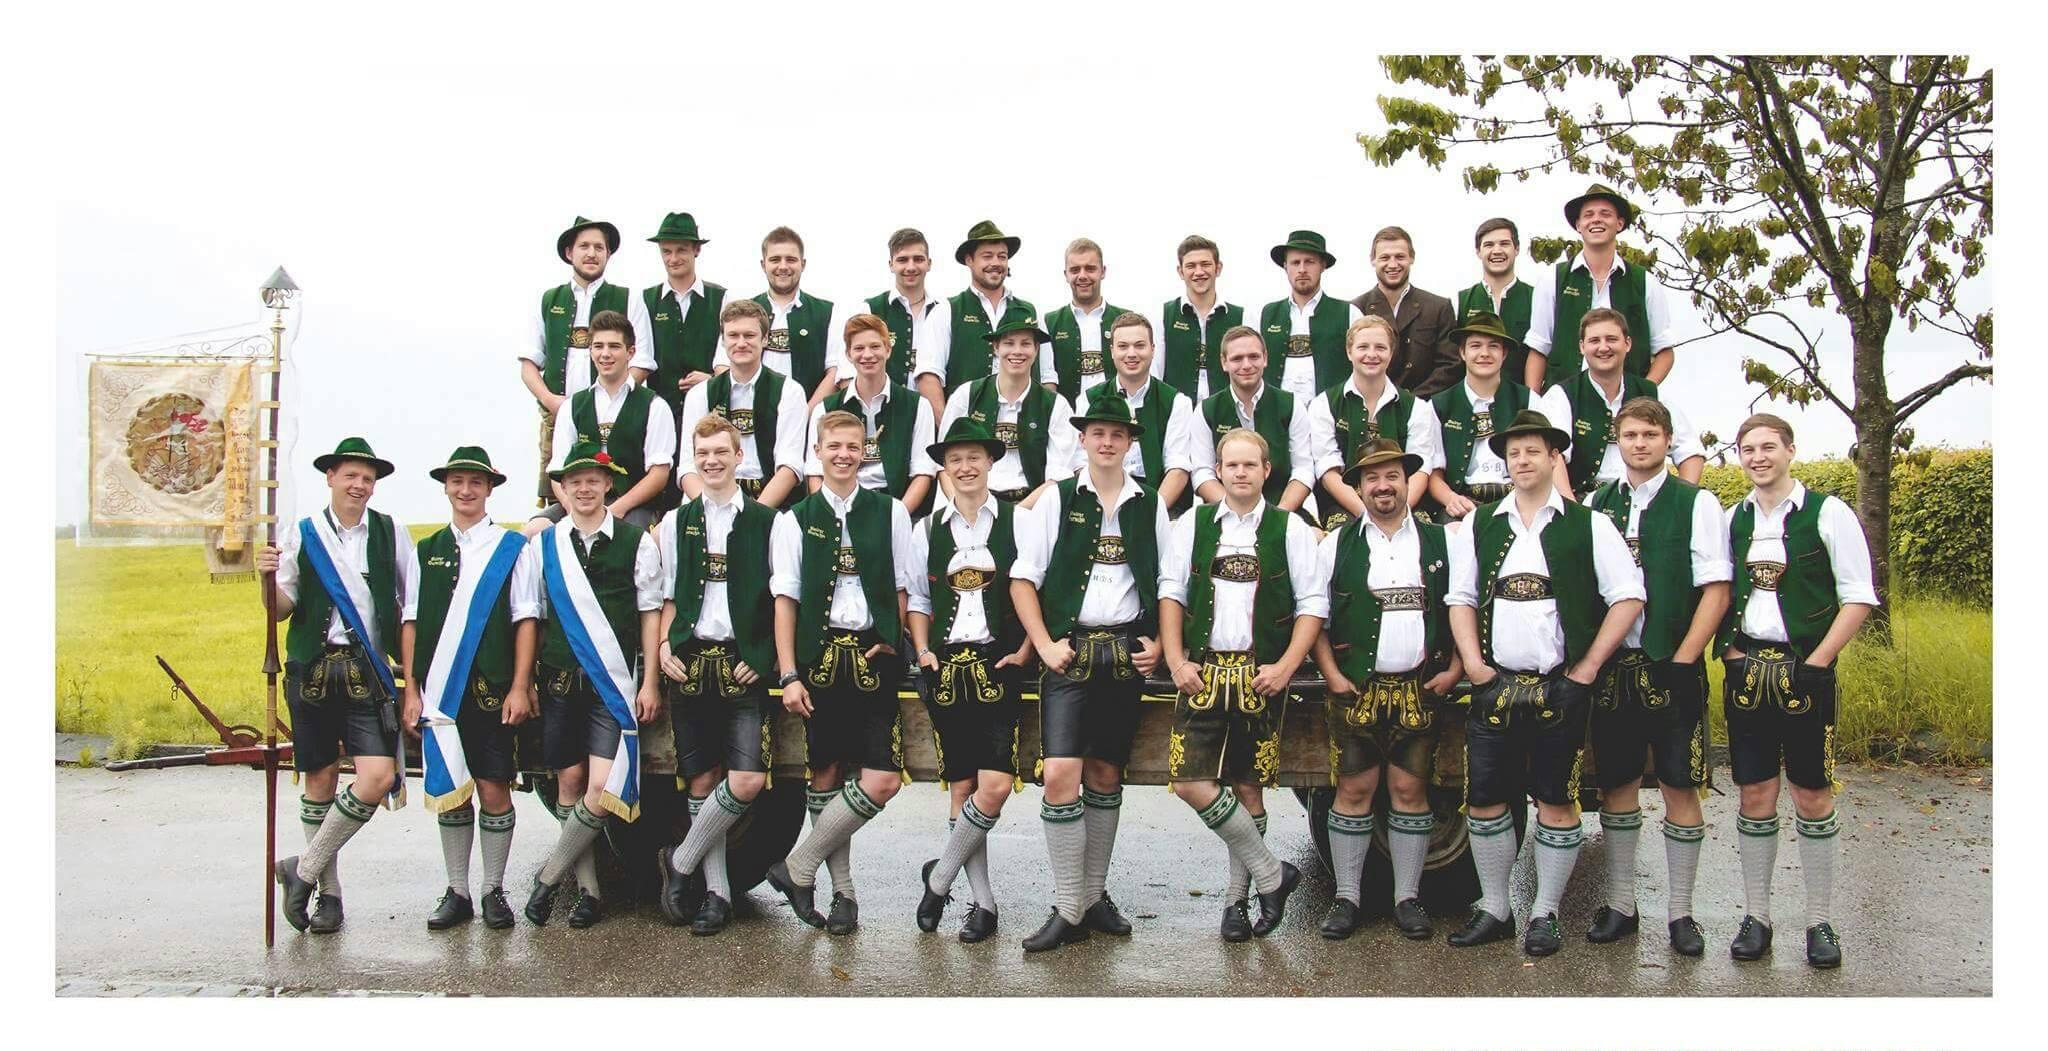 Die aktiven Mitglieder des Burschenverein Baierns im Jahr 2016.